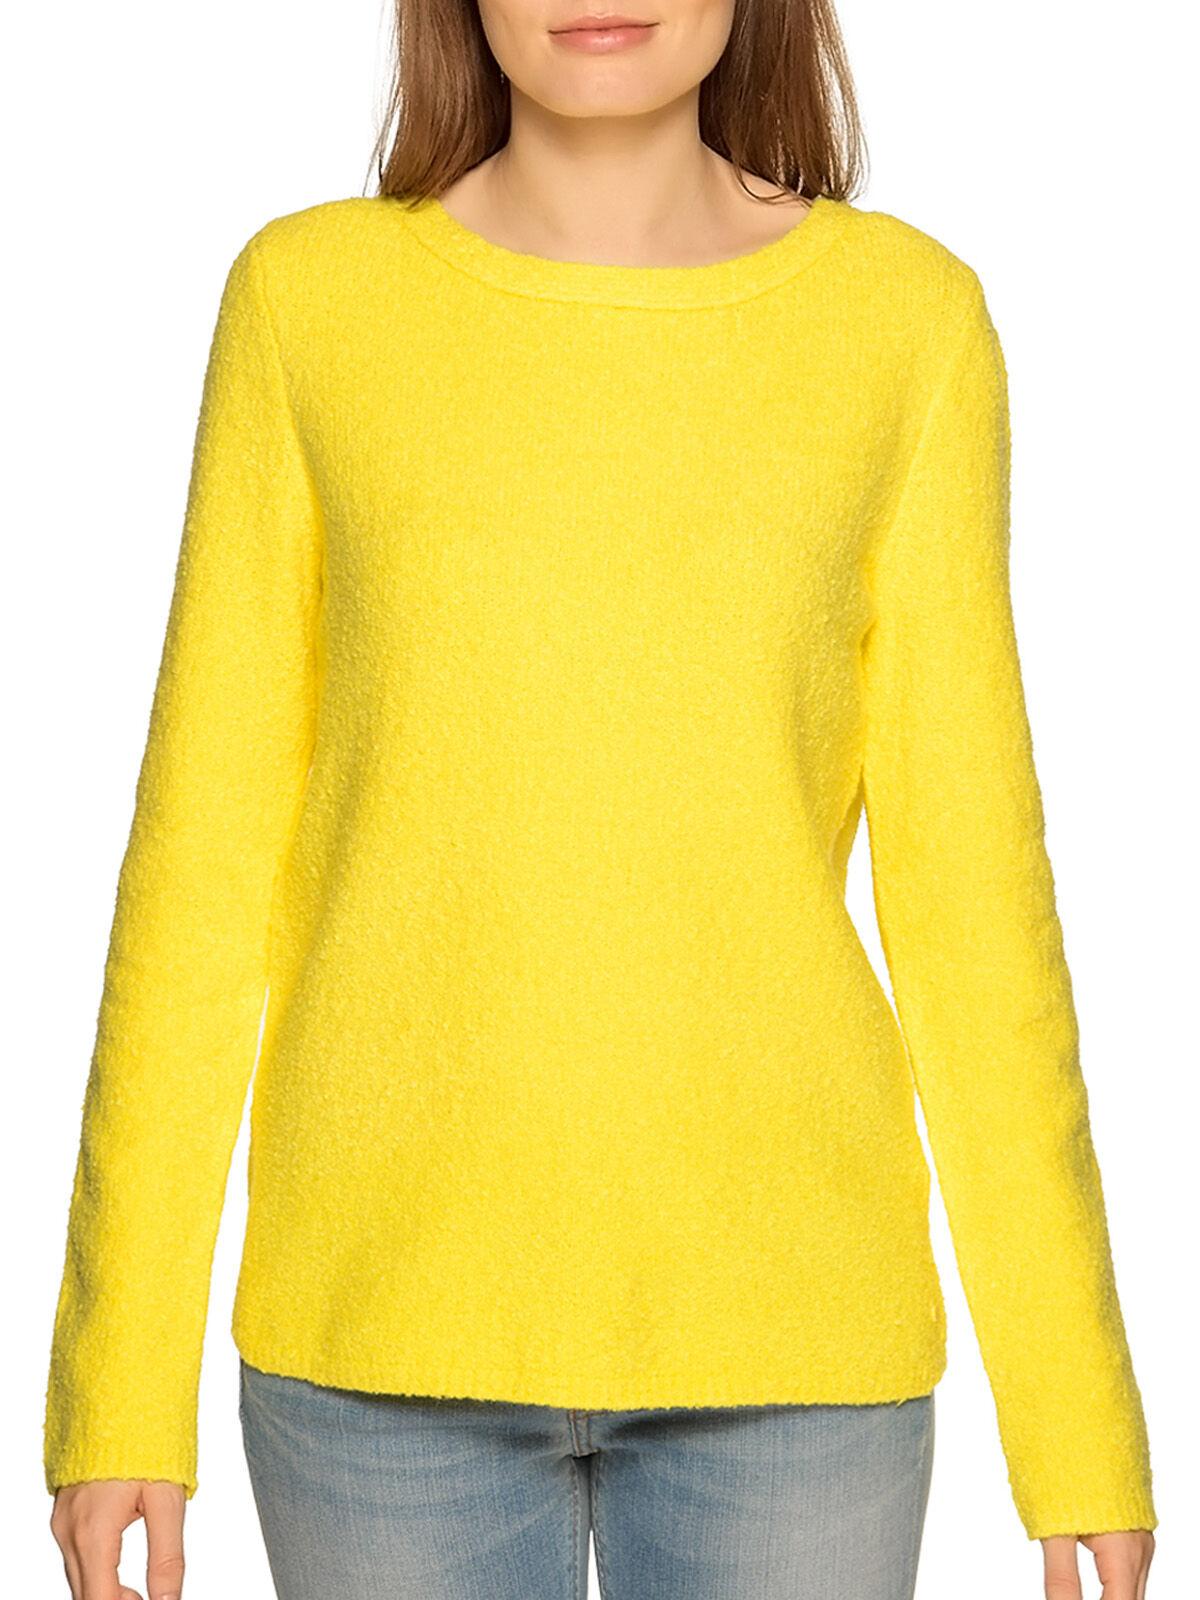 MARC O'POLO Pullover gelb | L